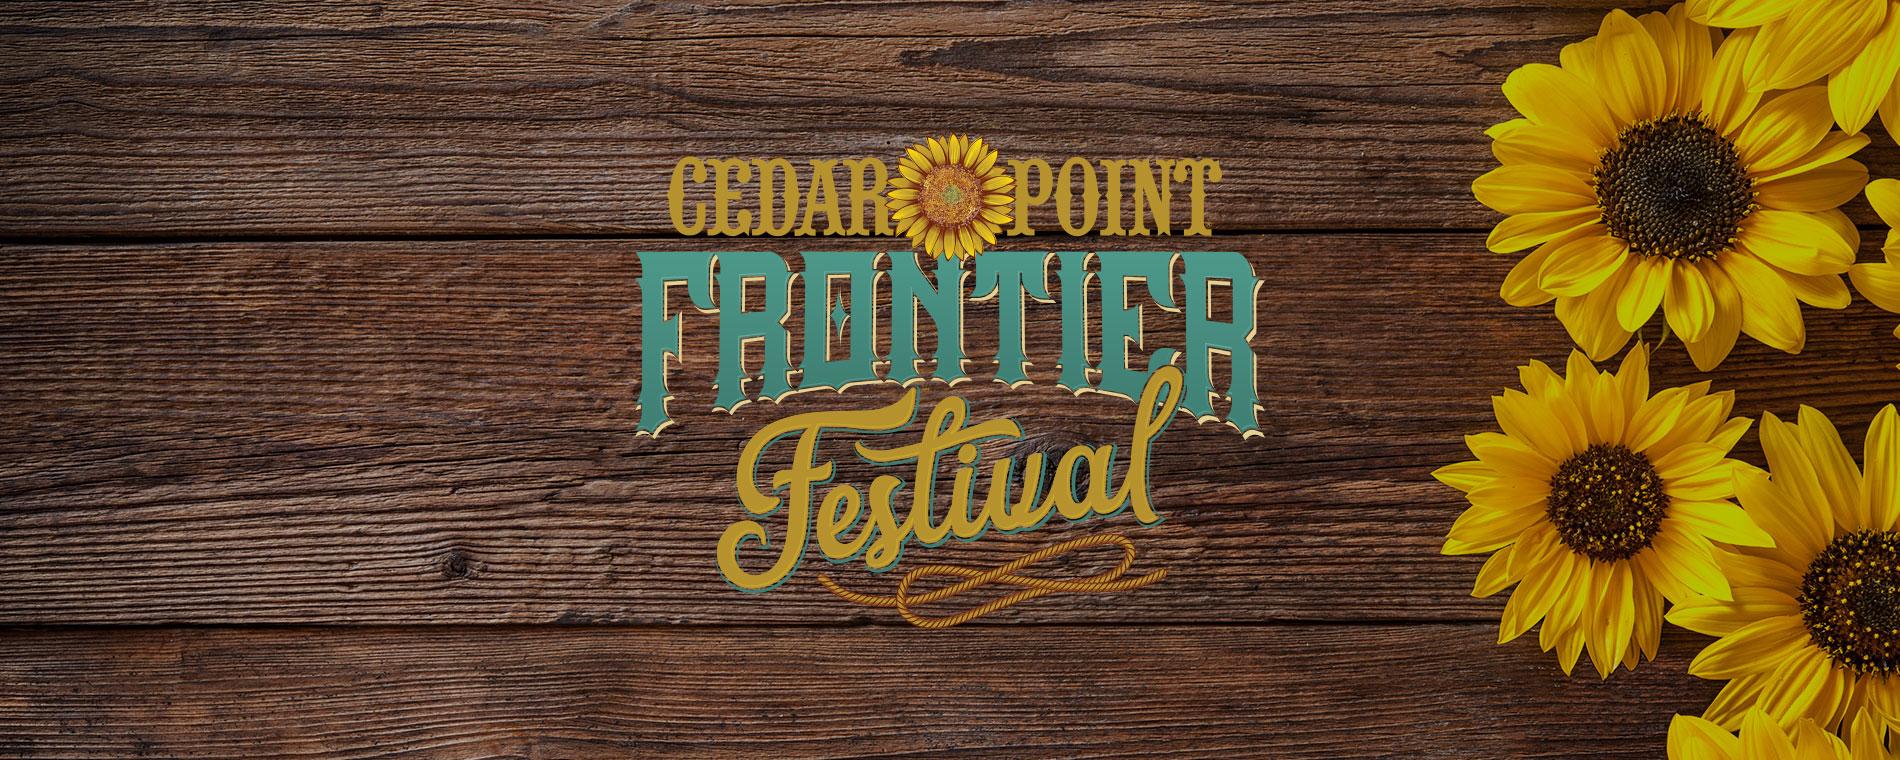 Frontier Festival | Ohio's Premier Old West Street Festival | Cedar